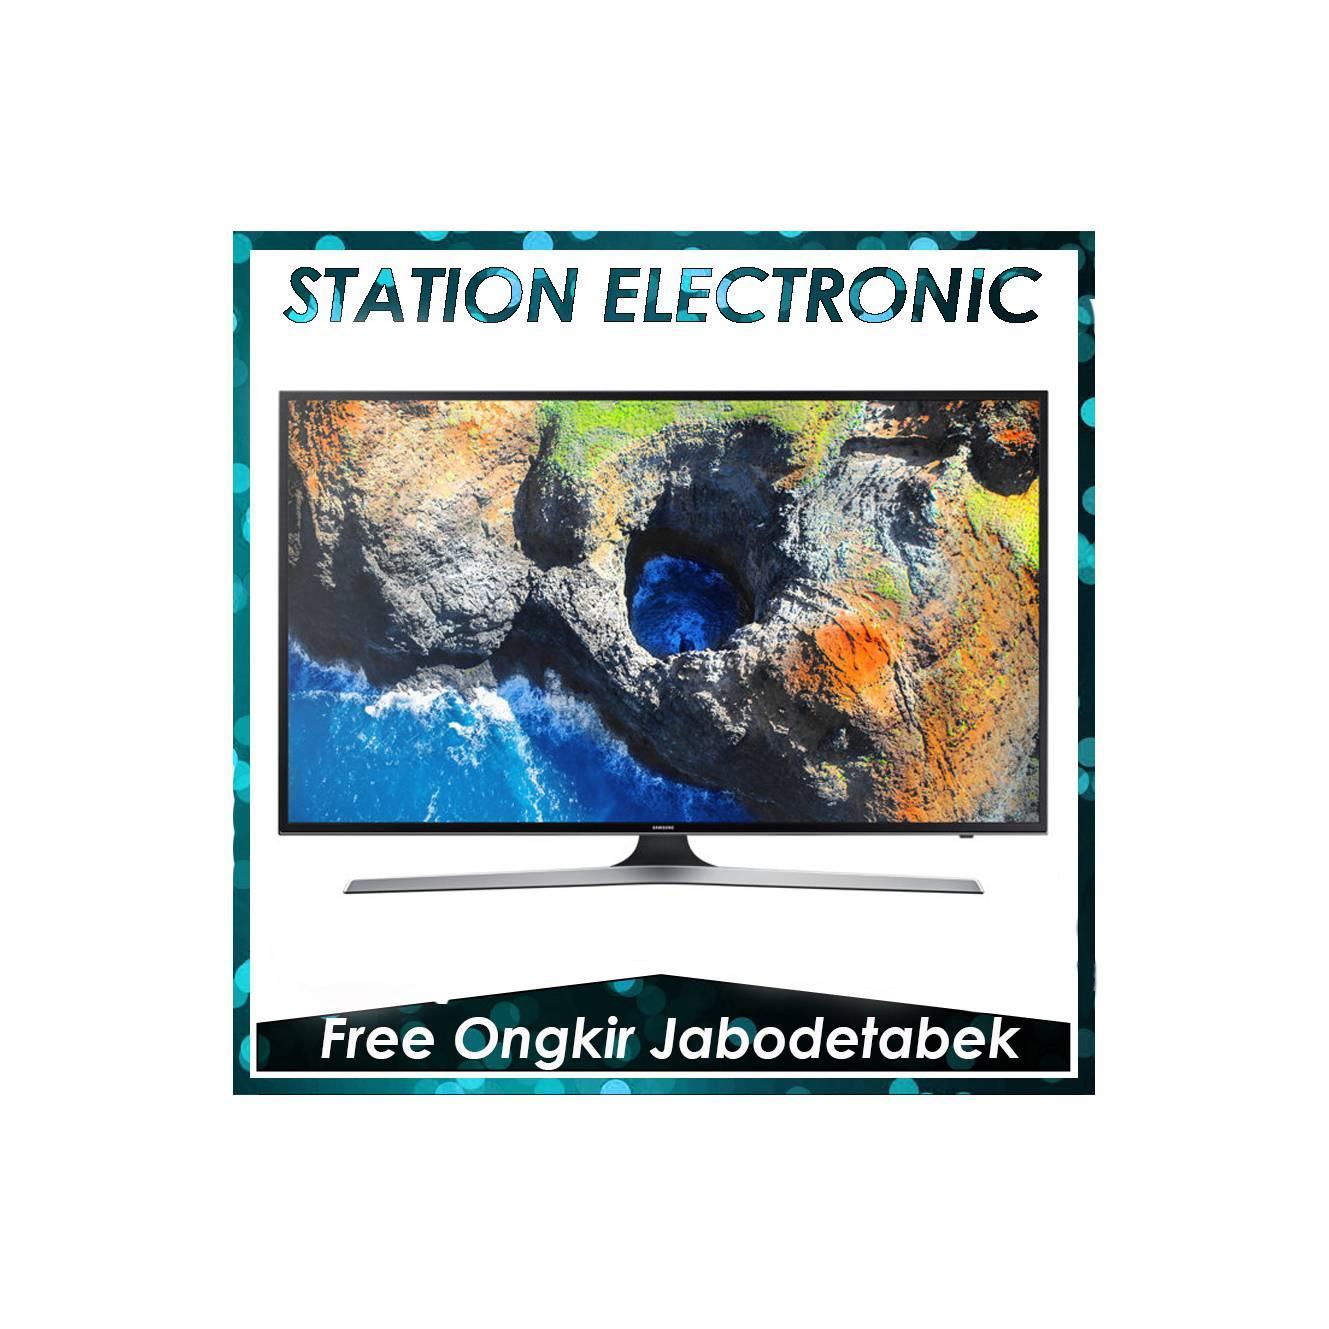 Samsung 40MU6100 Smart UHD TV [40 Inch]